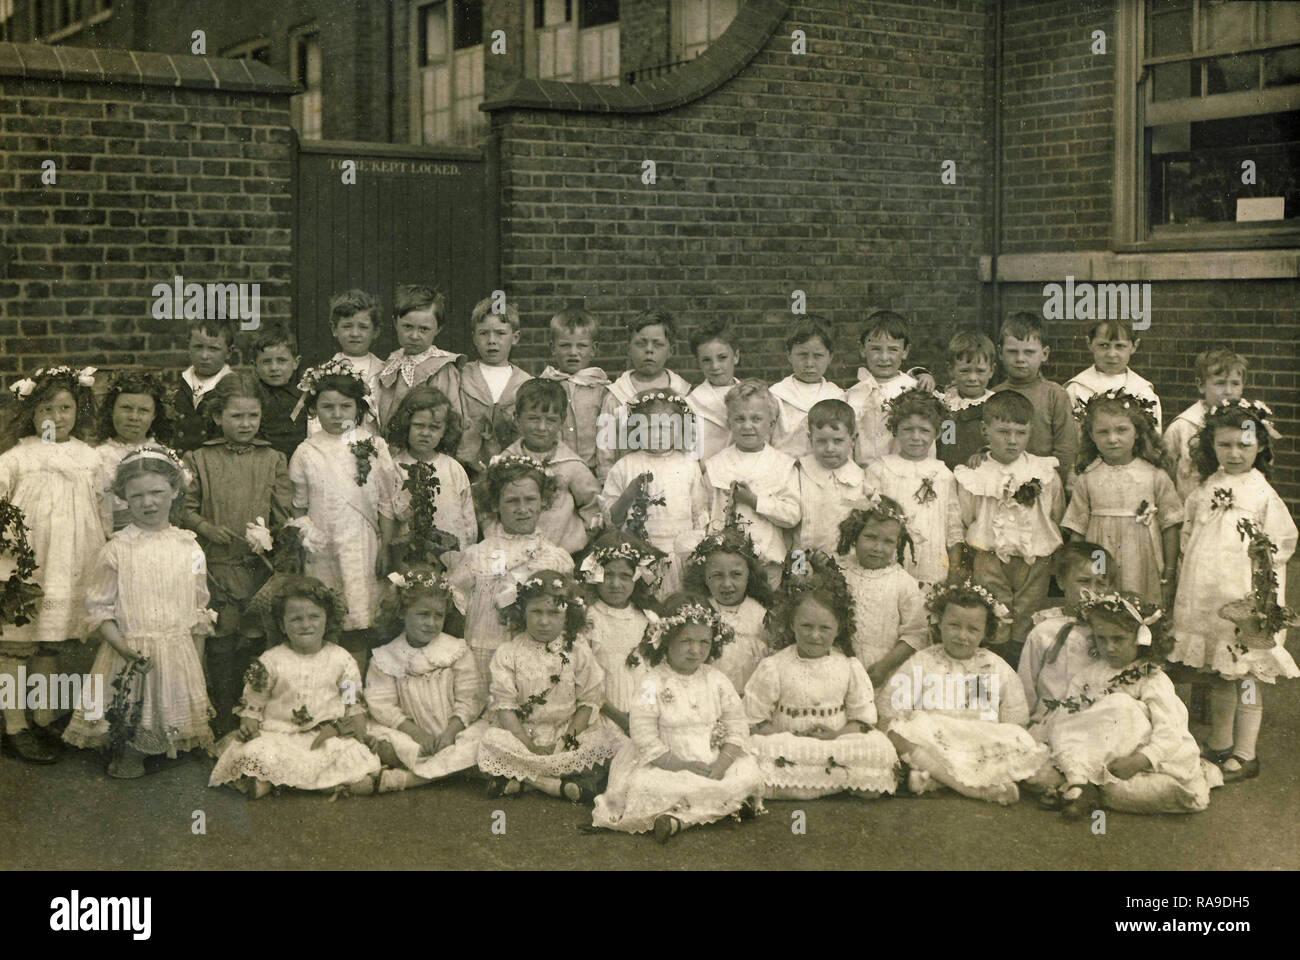 Archivio Storico di immagine, bambini di una scuola di Peterborough, c1920s. Le ragazze possono indossare costumi di giorno. Immagini Stock